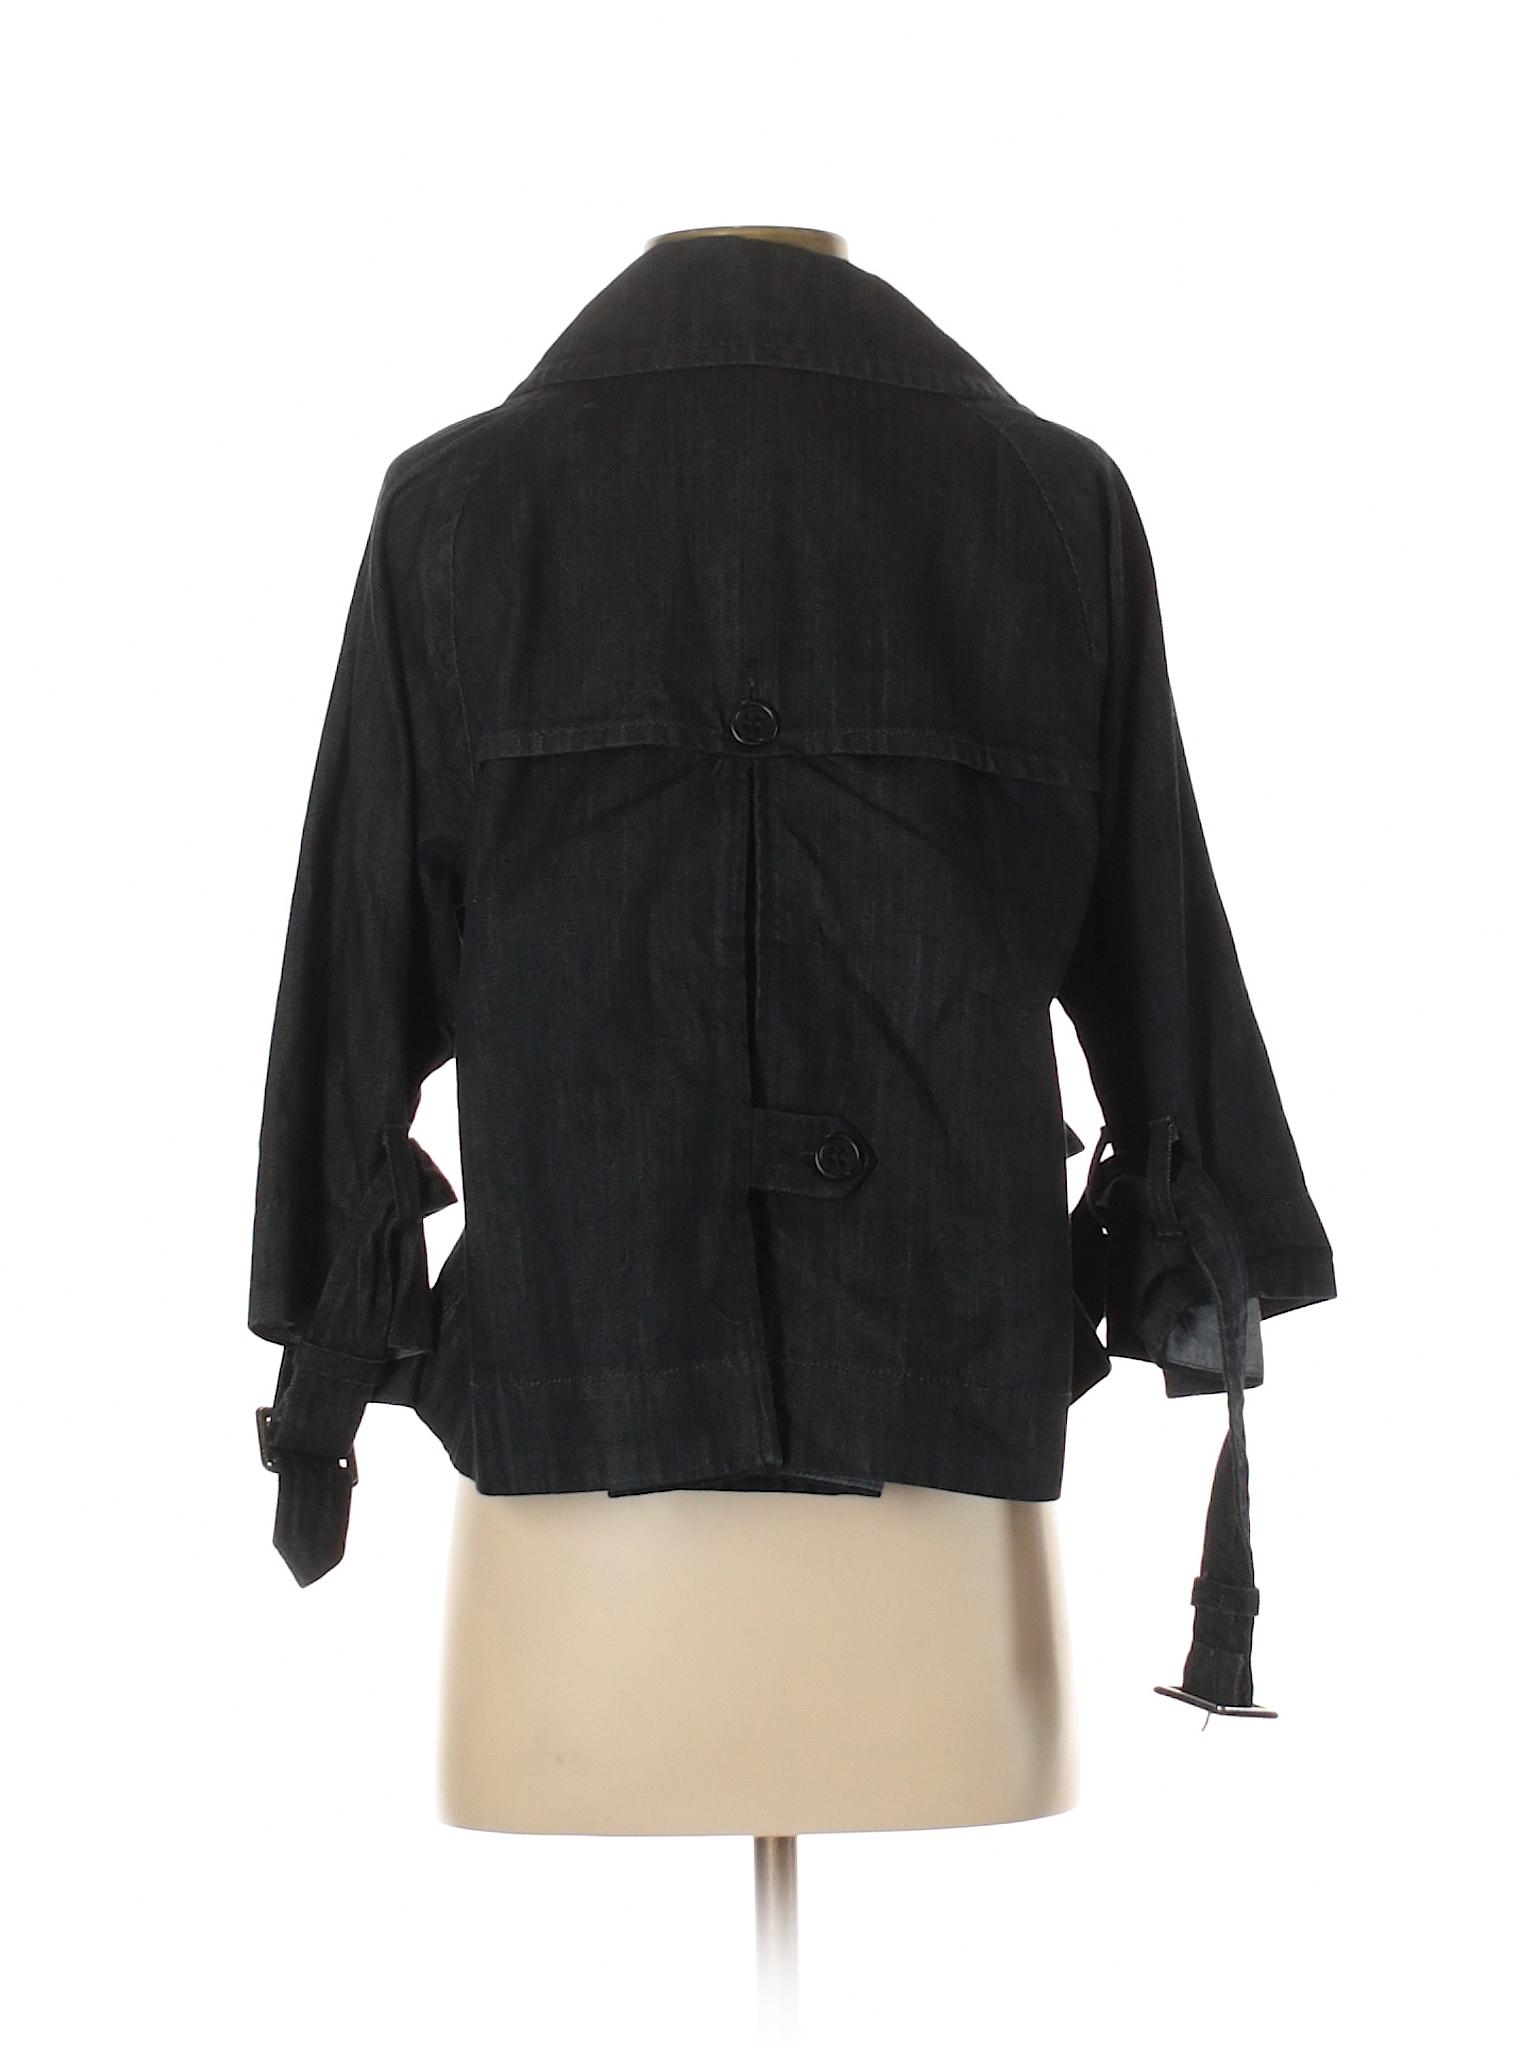 Boutique Jacket BCBGMAXAZRIA Boutique Denim leisure leisure zT5x58qR